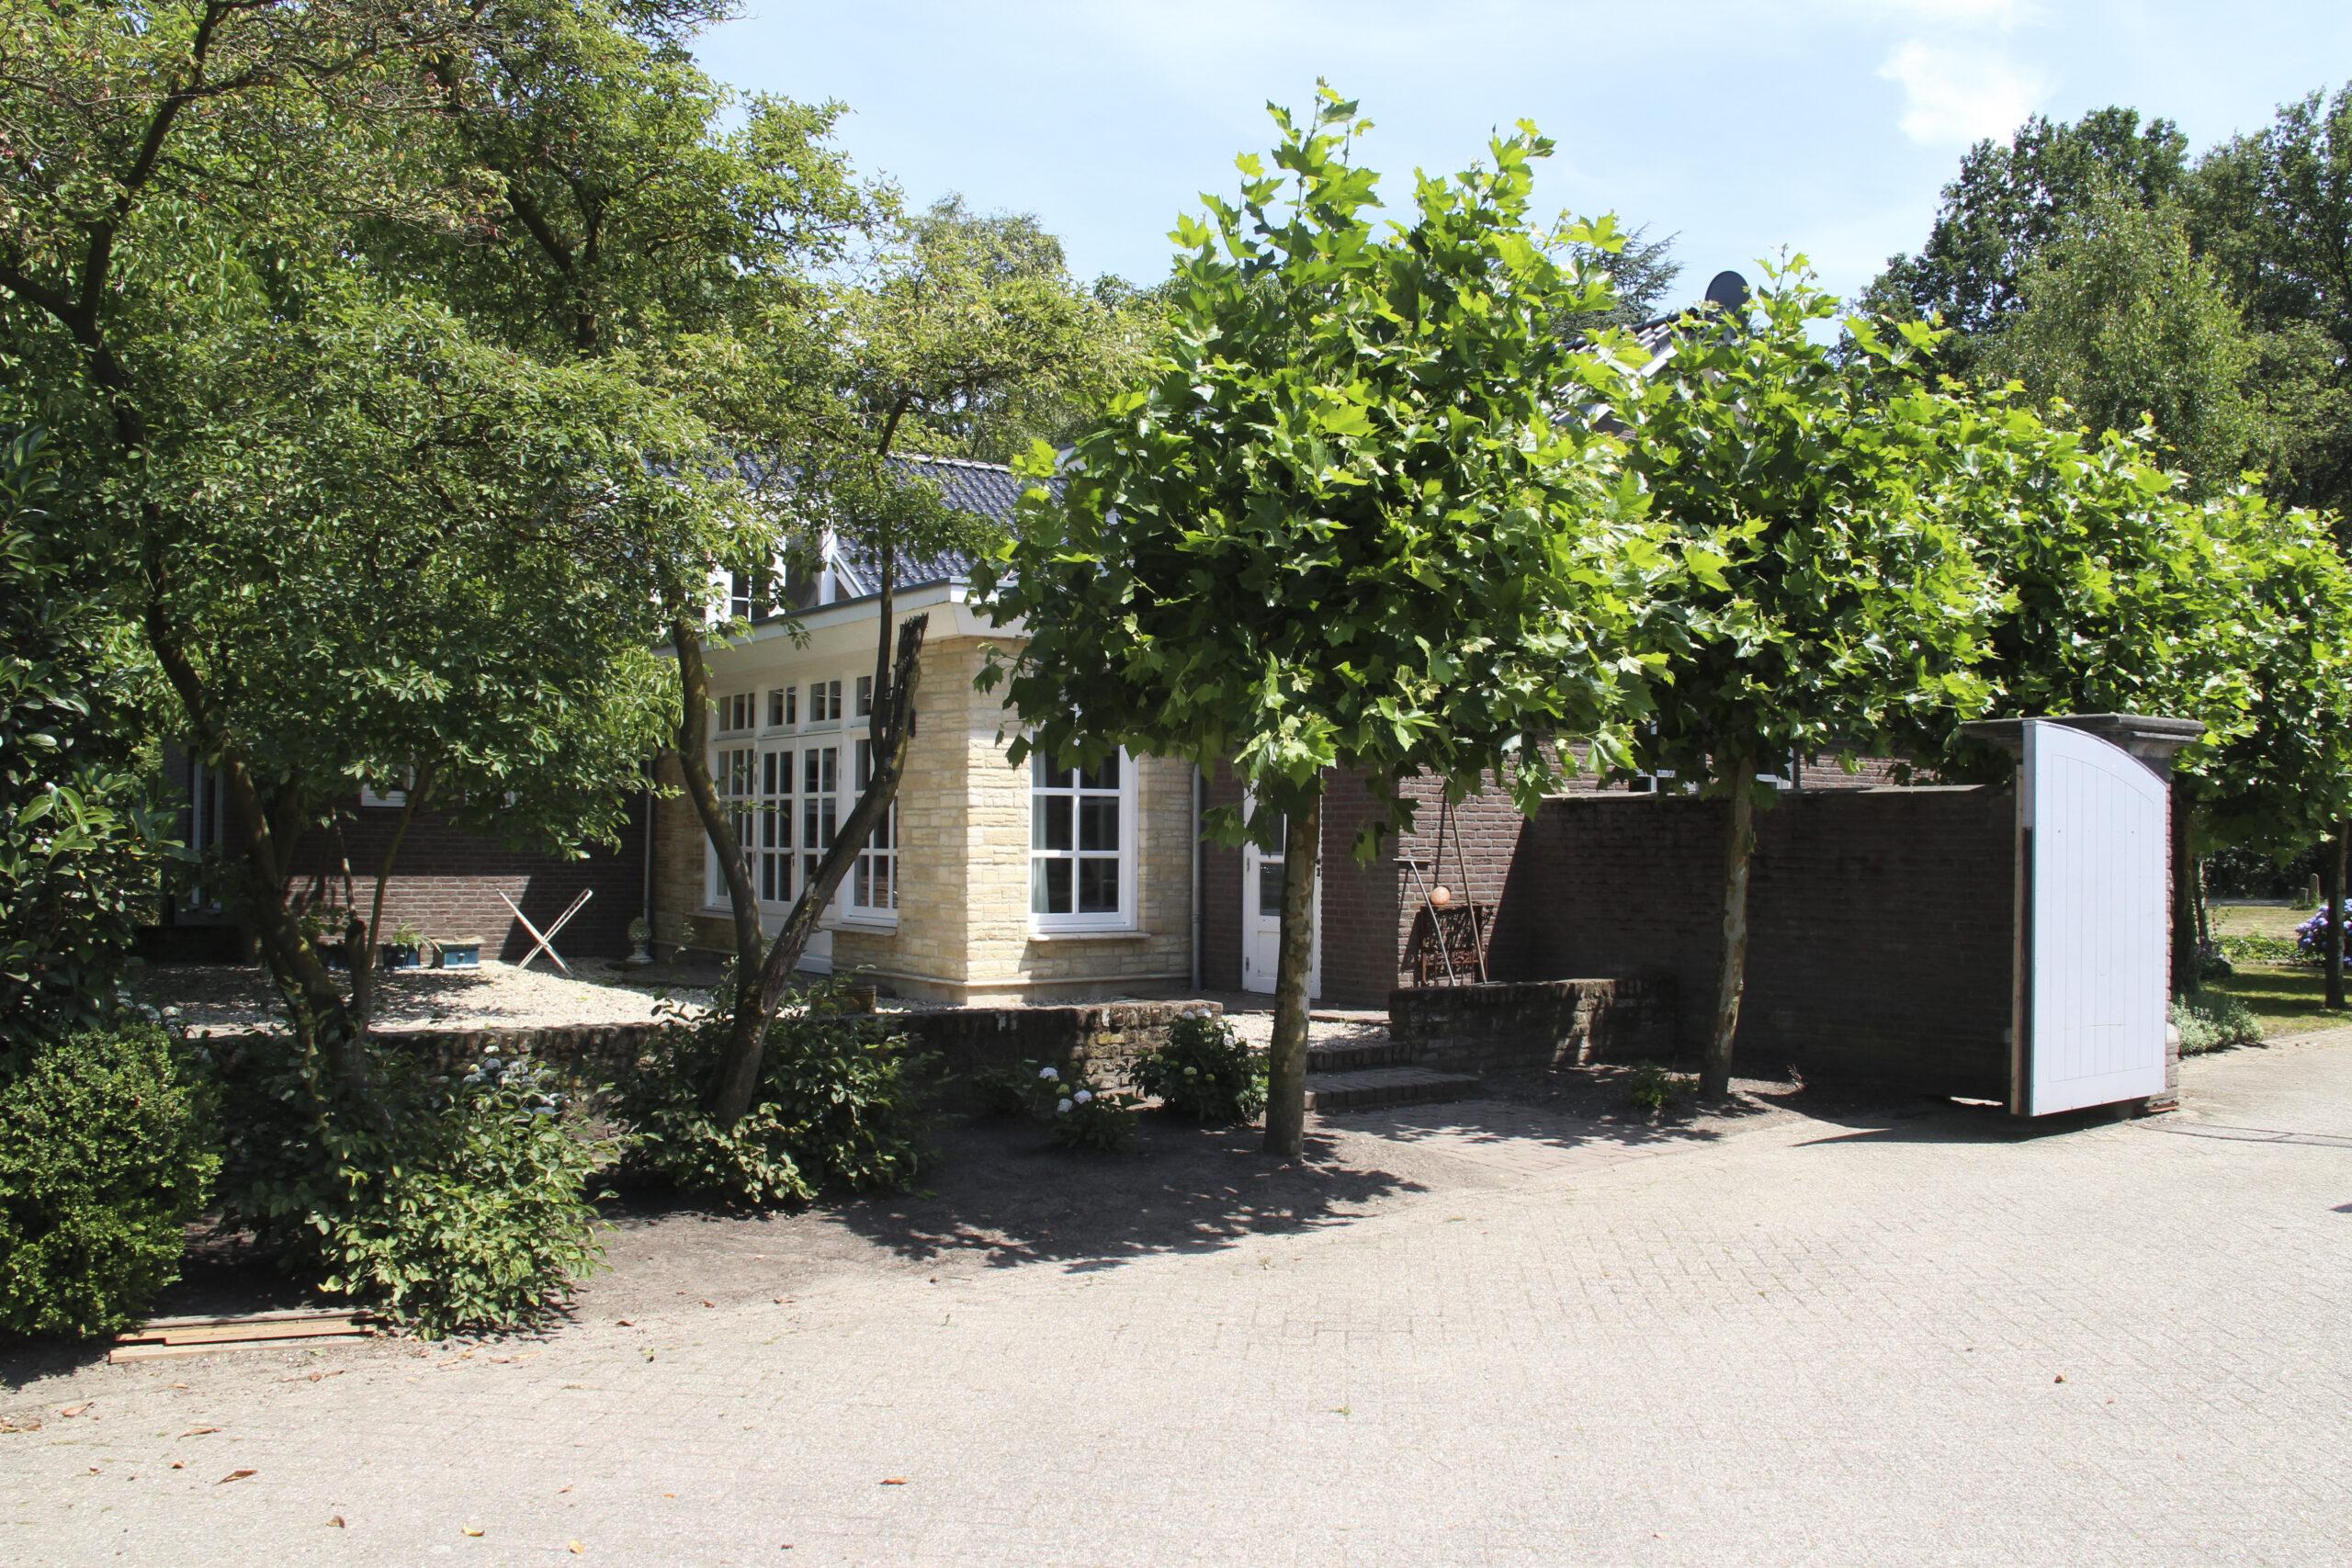 Landhuis de Heibloem